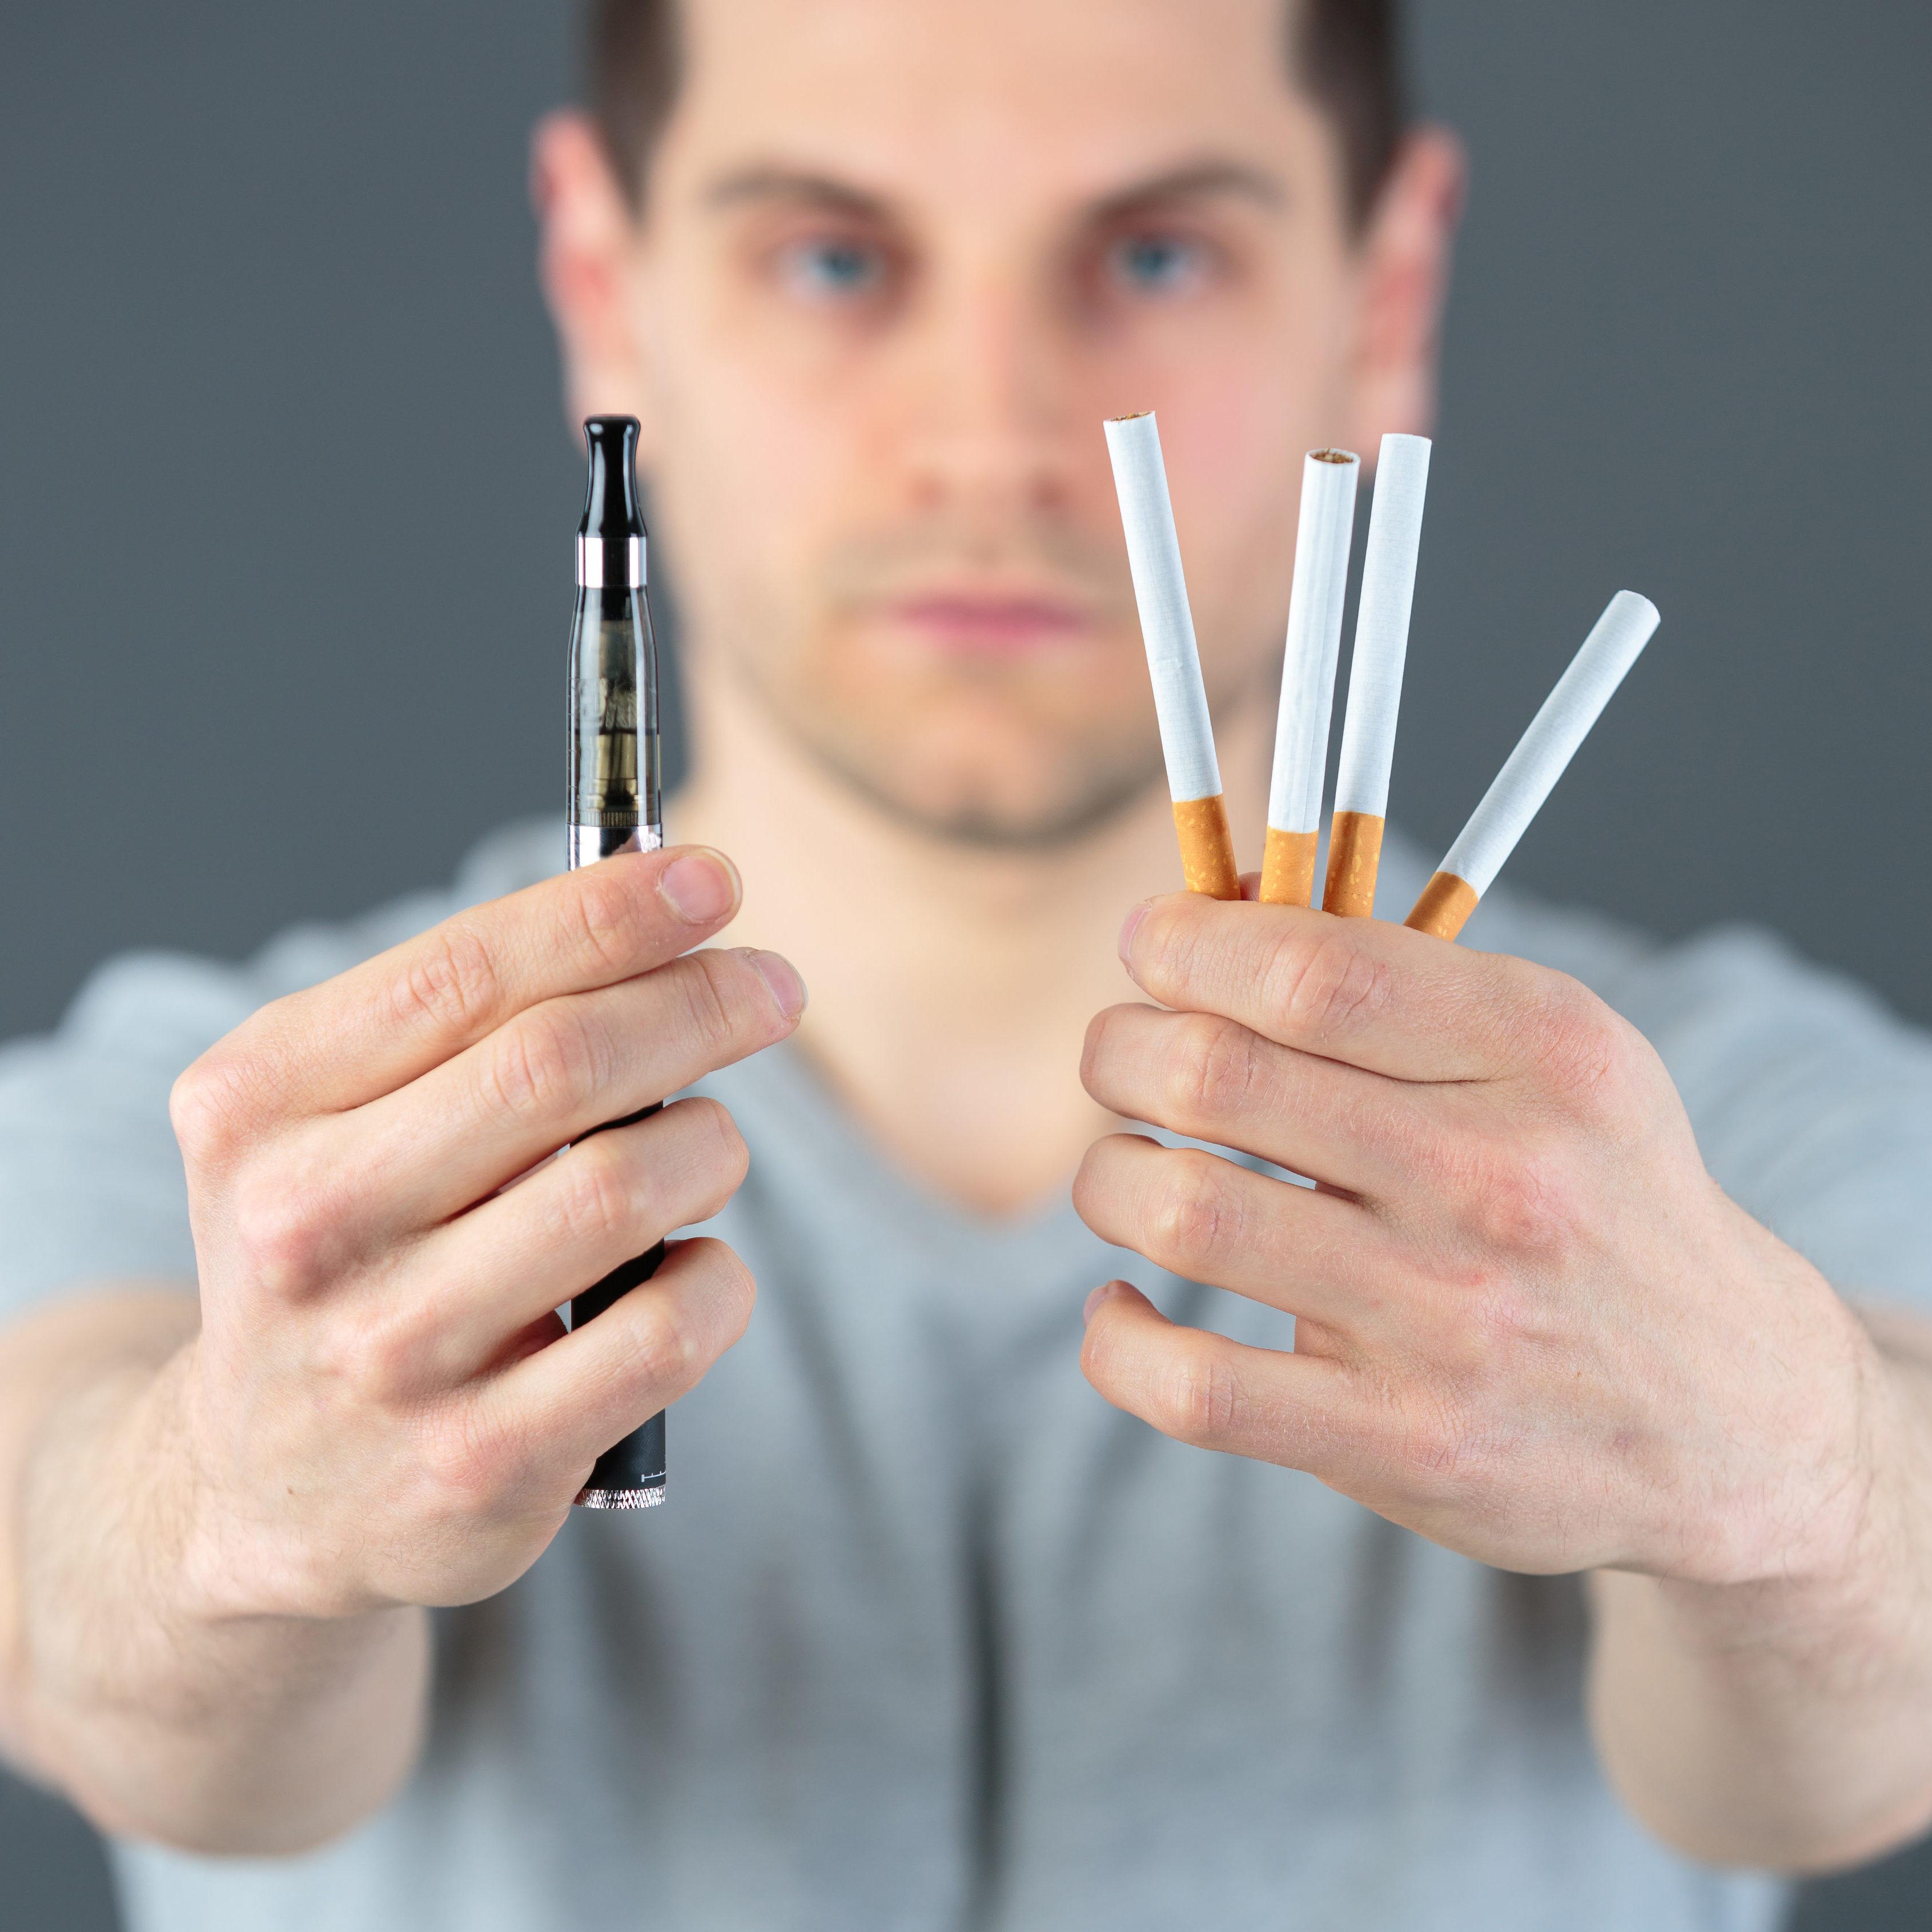 handsome man with e-cigarette and tobacco cigarette